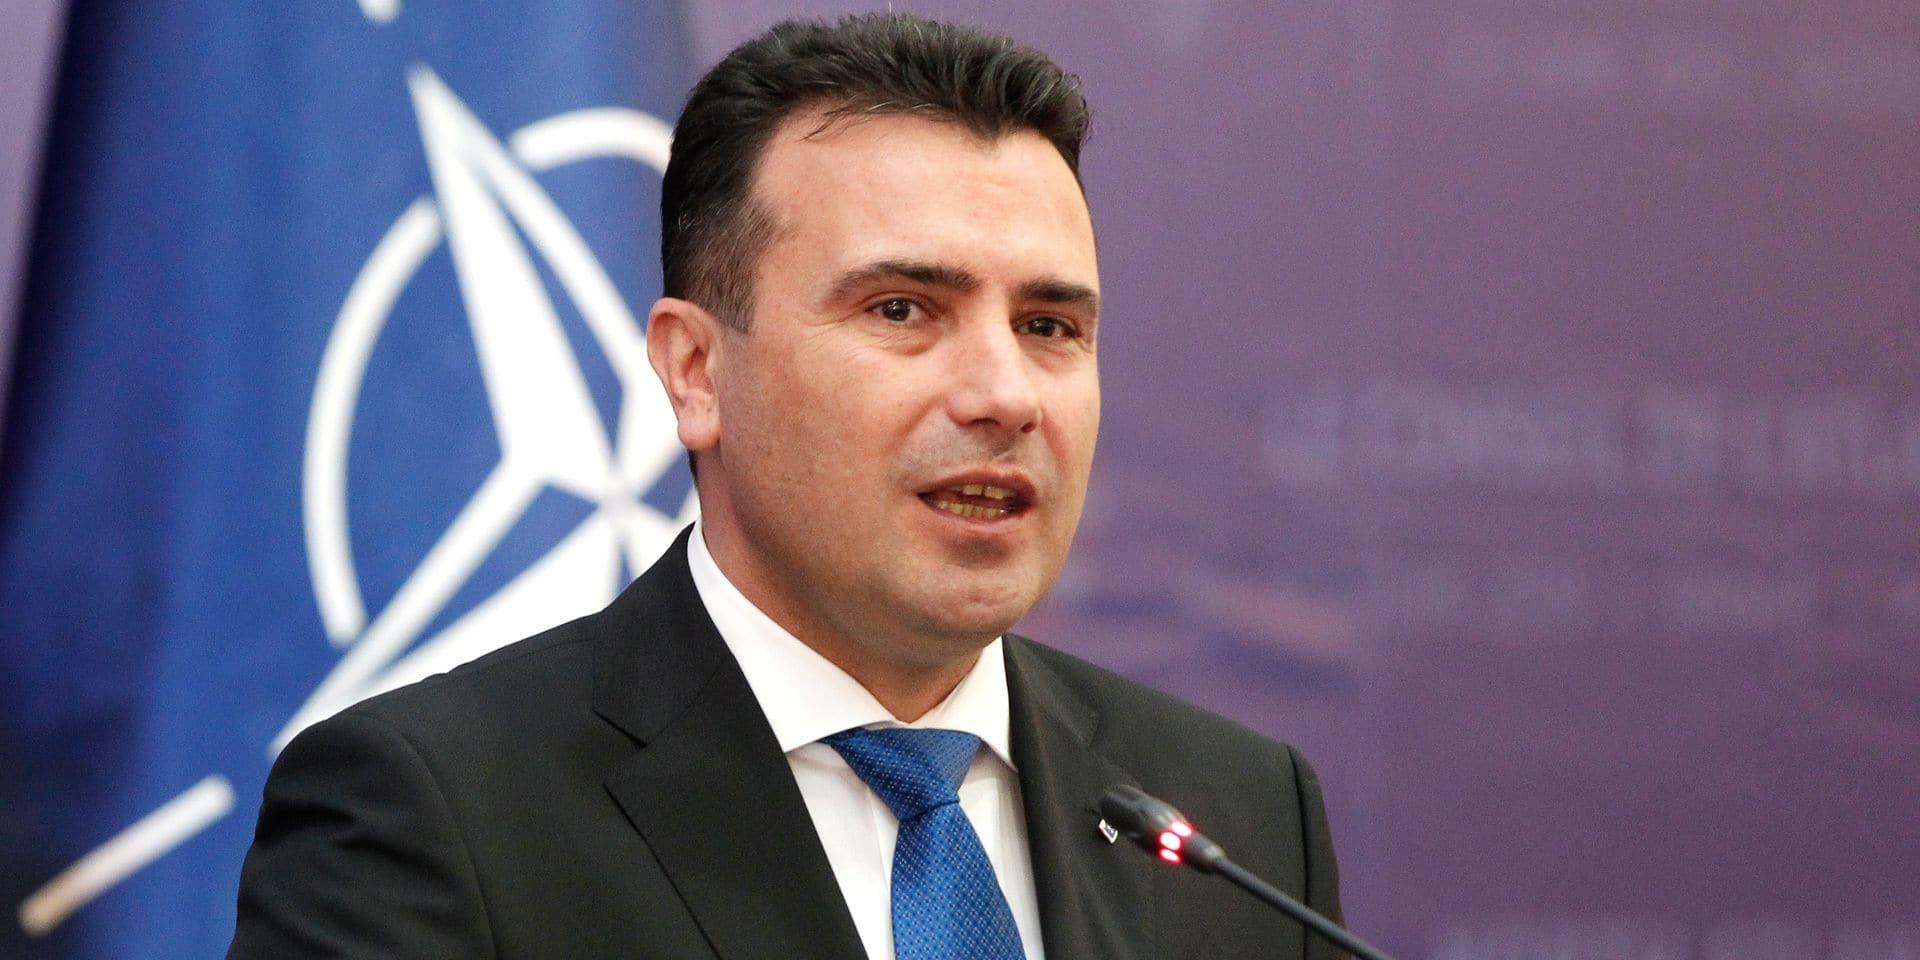 Le Premier ministre macédonien s'excuse d'avoir prononcé une insulte homophobe